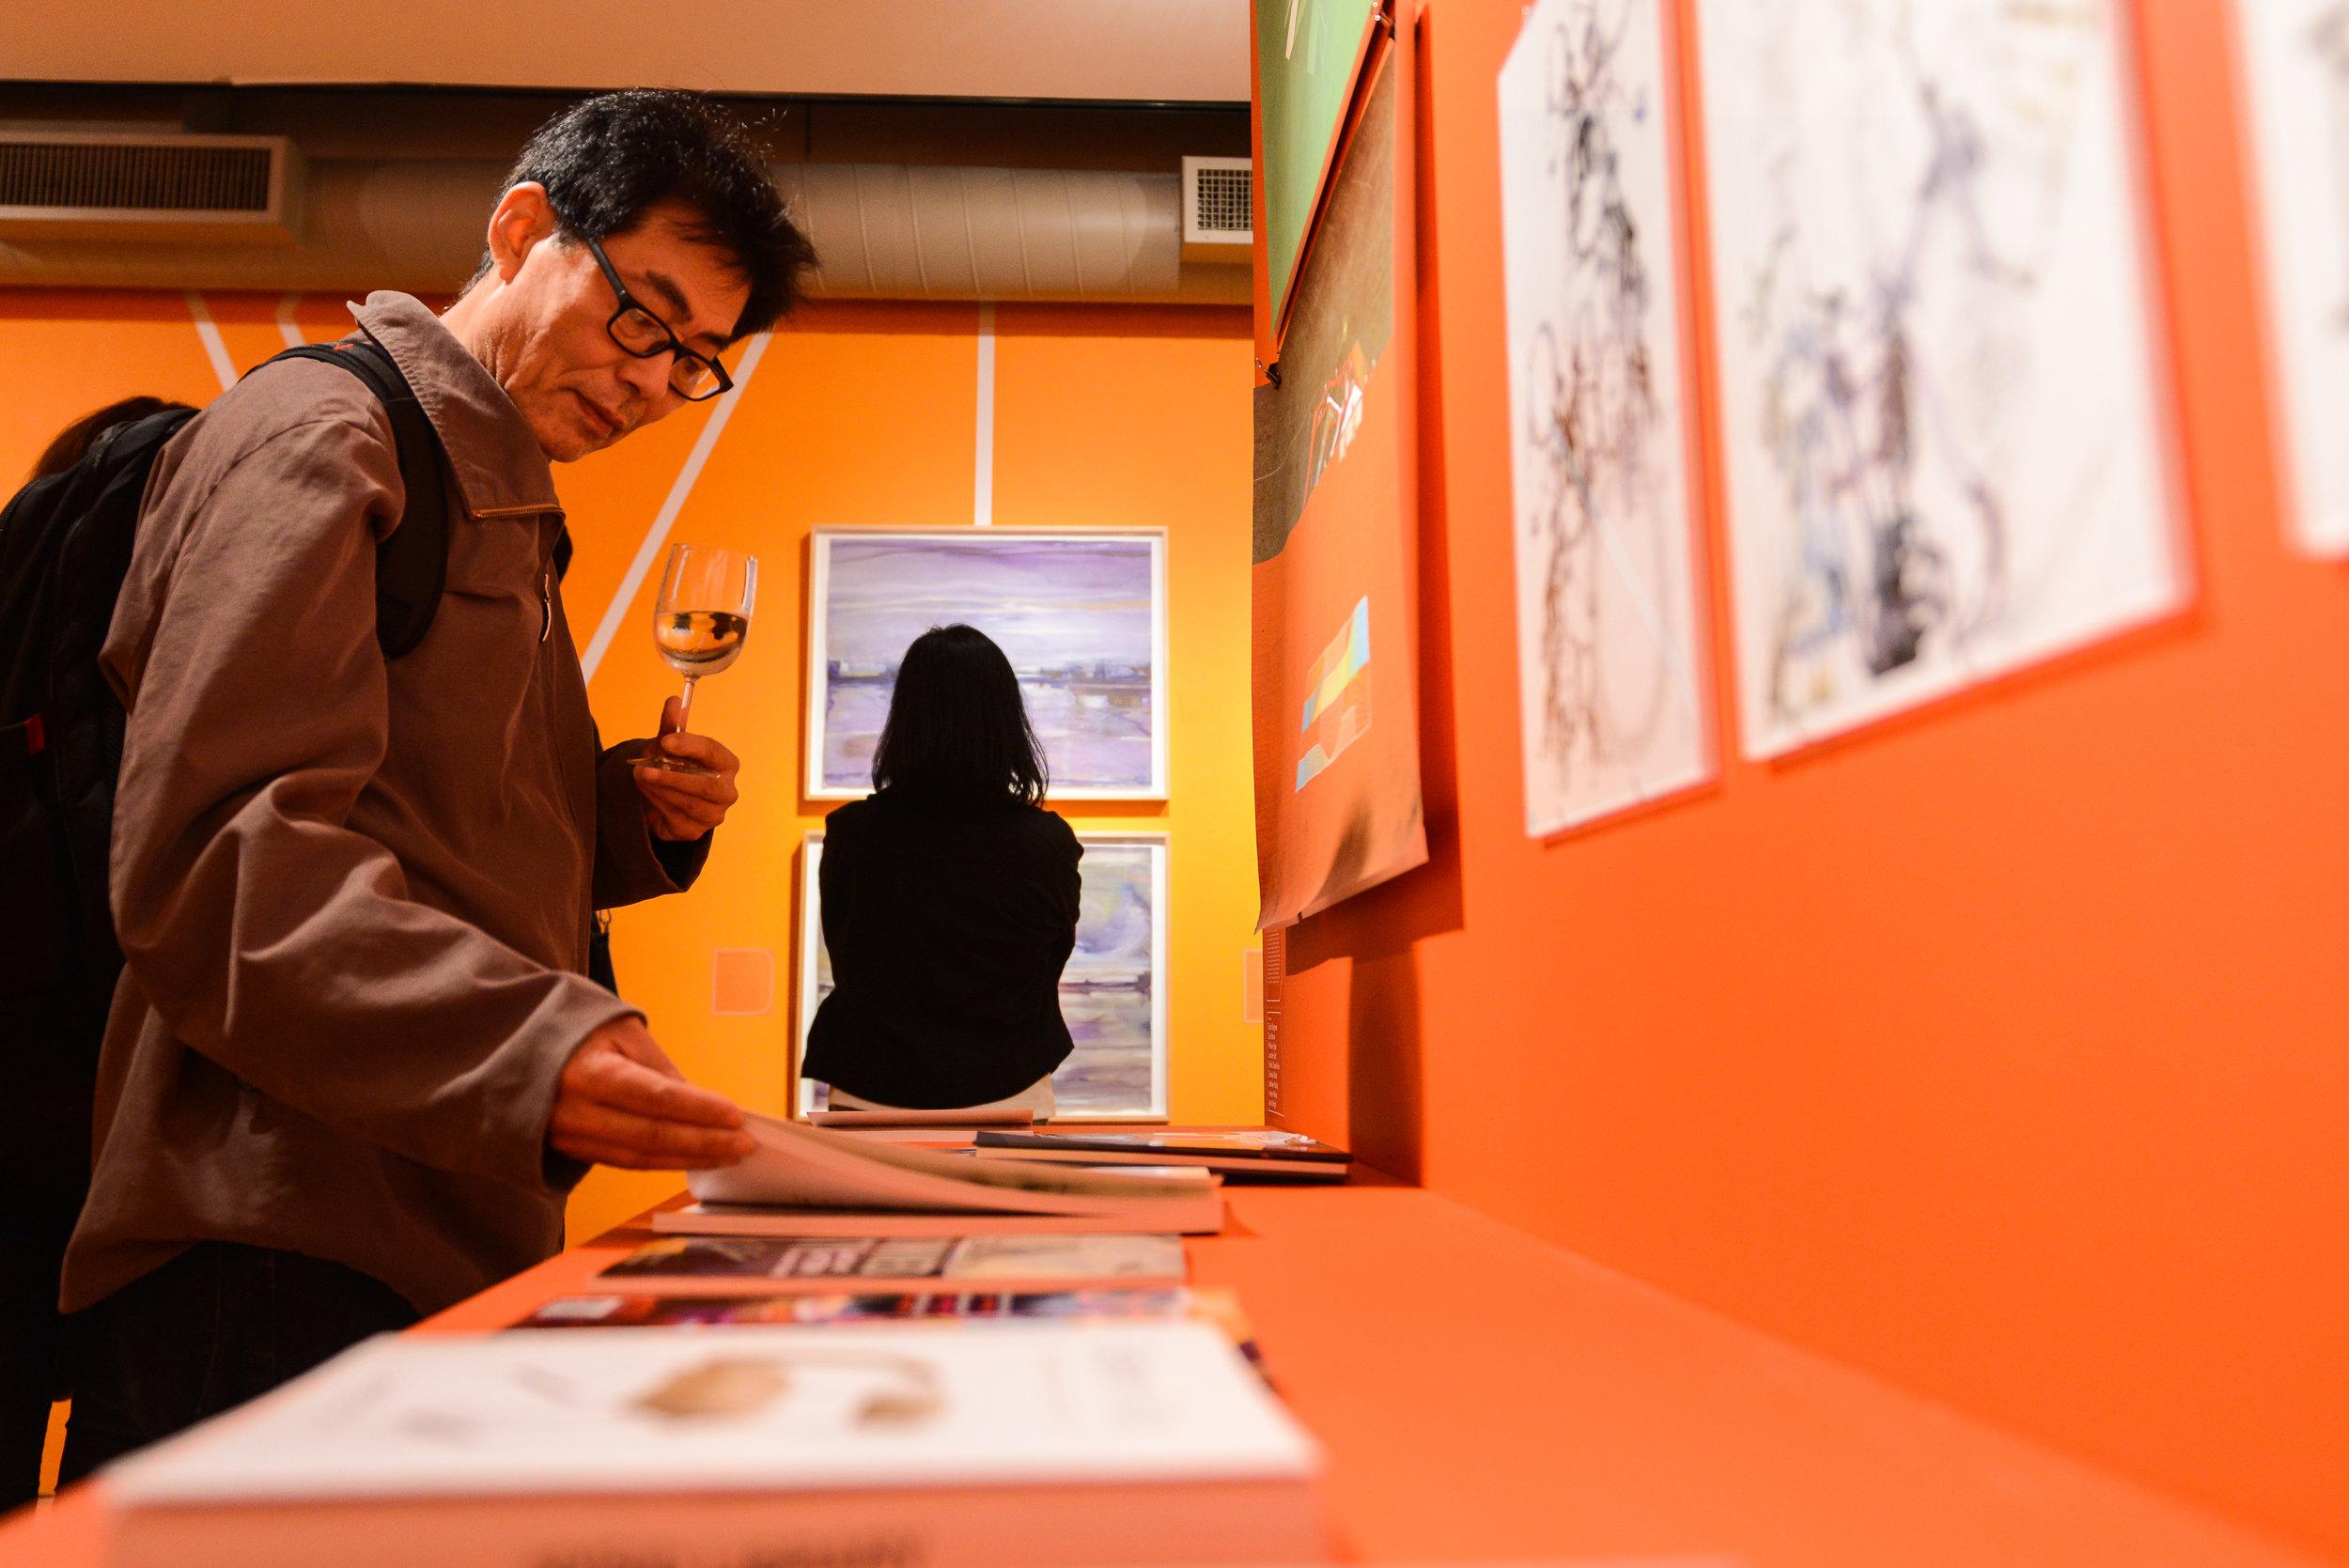 creative-scholarship-a-nysid-faculty-exhibition_36845151943_o[1].jpg